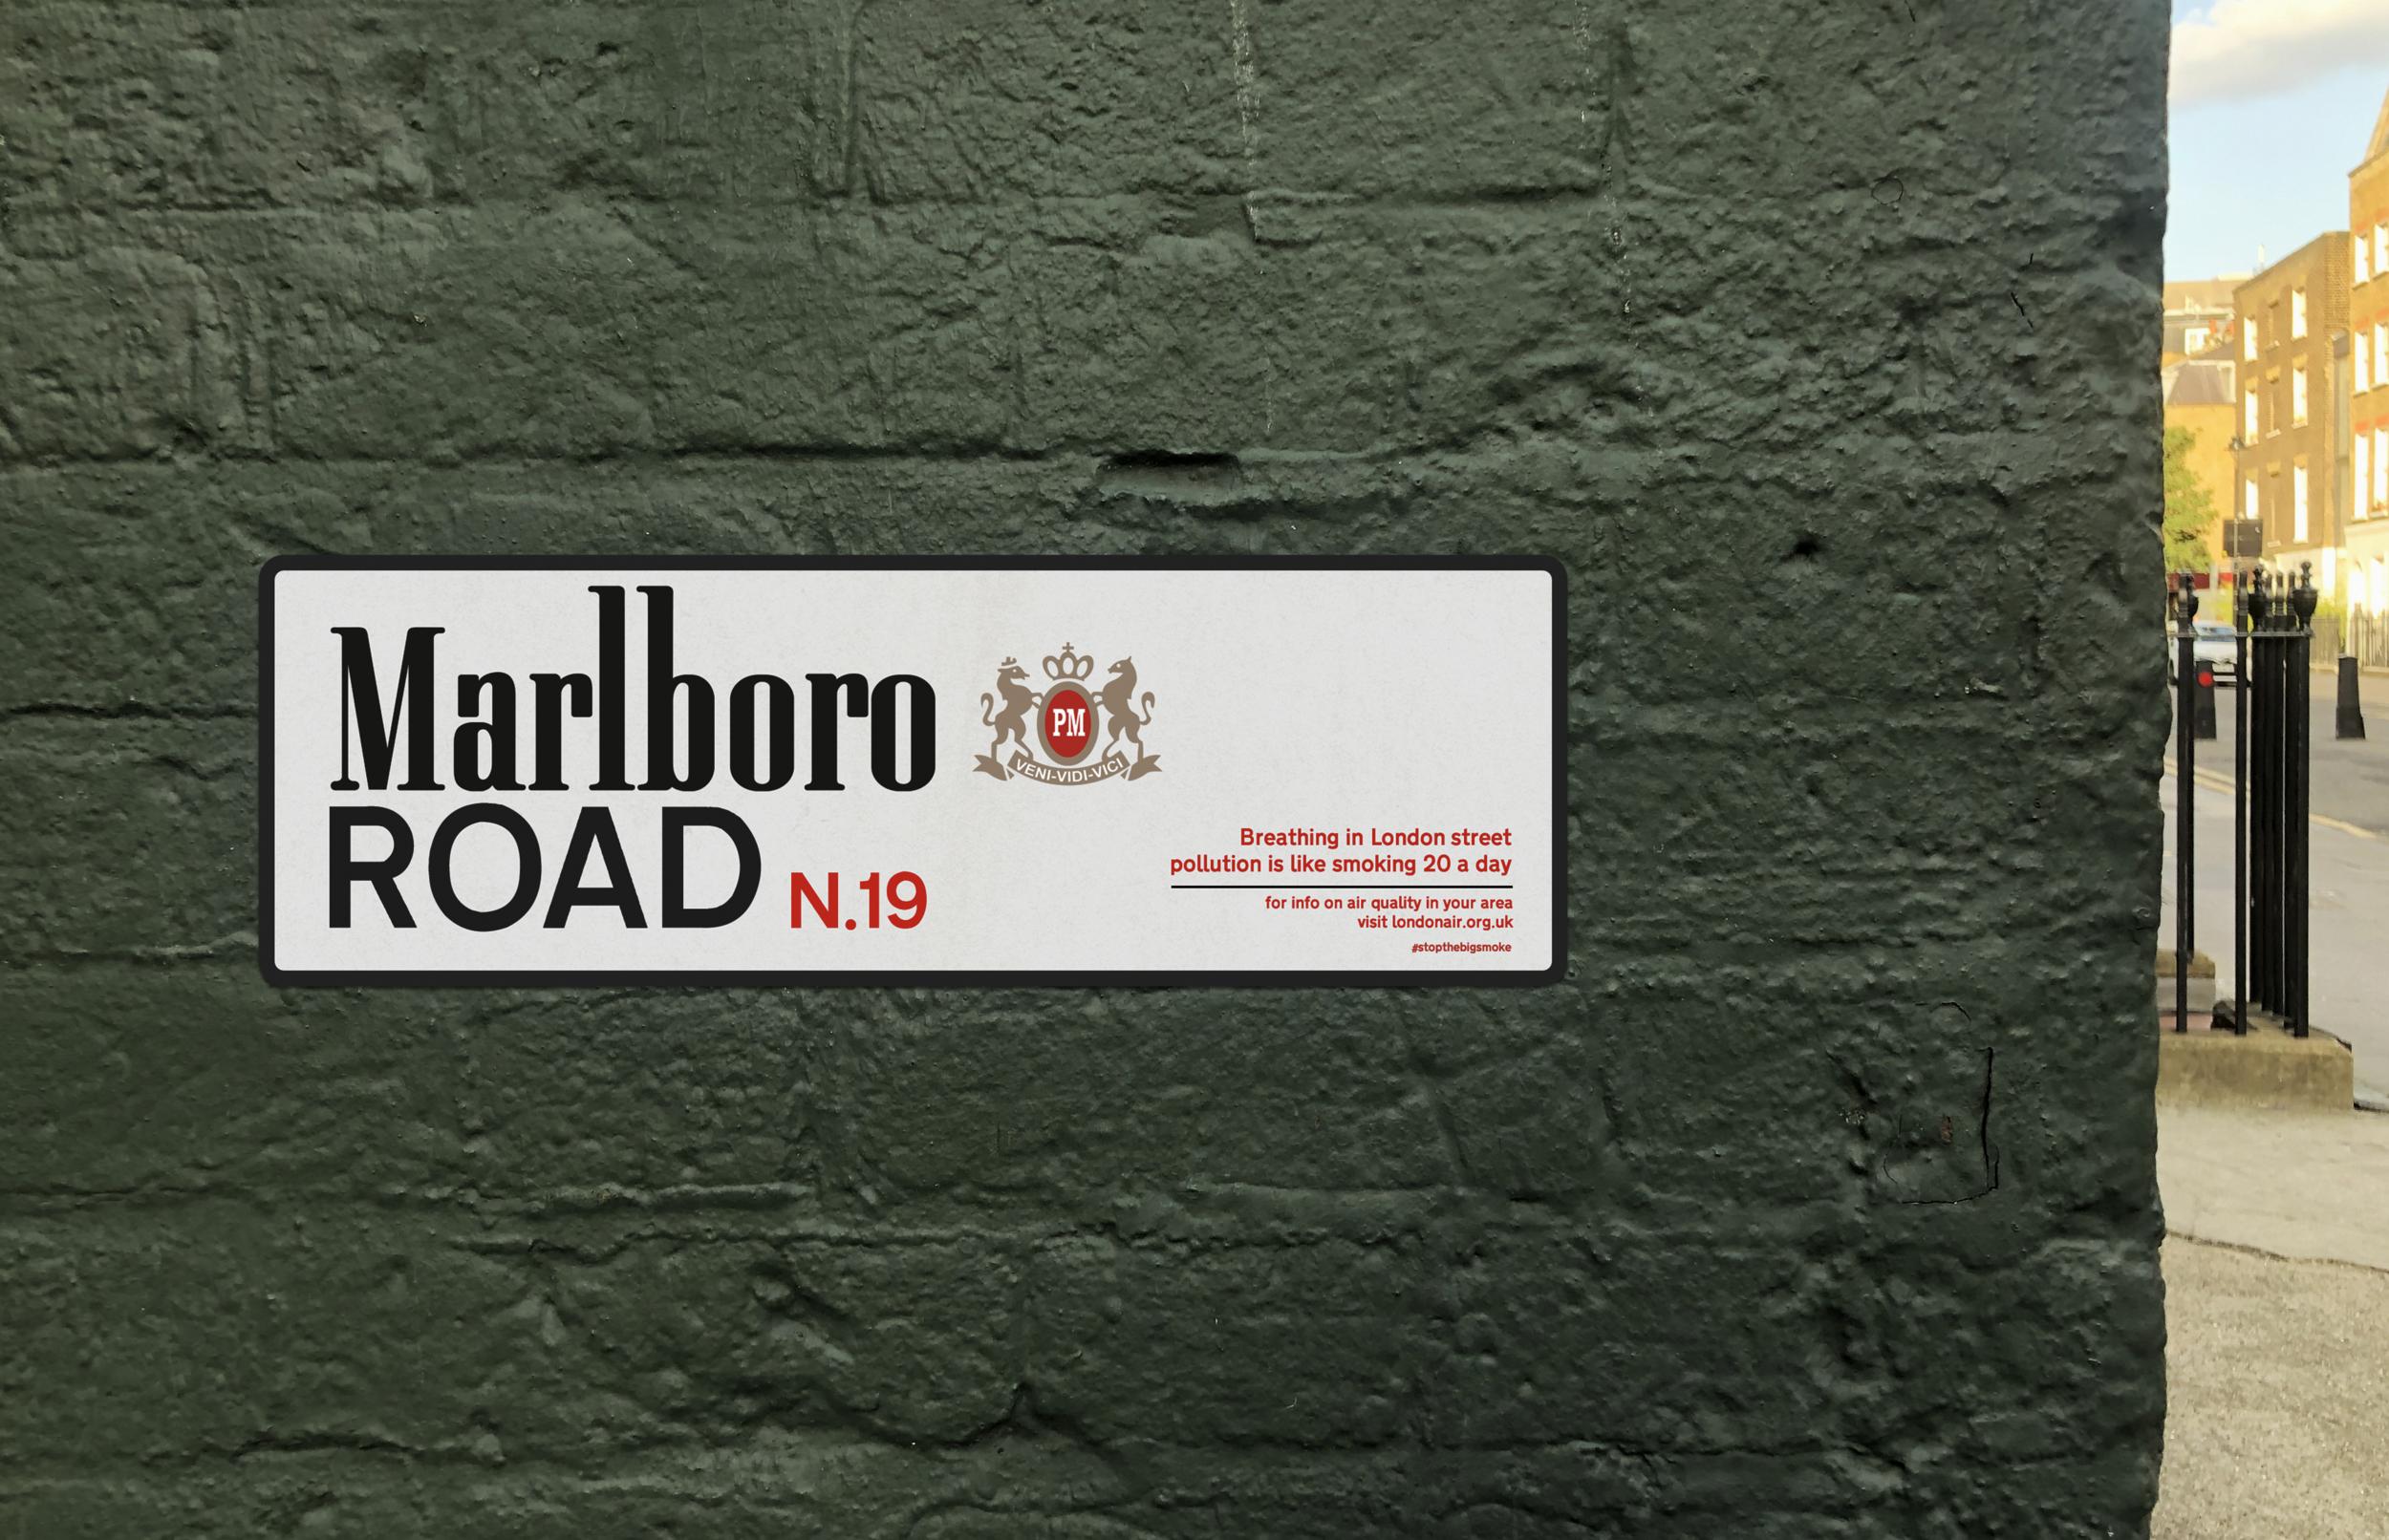 Marlborough Road, N19